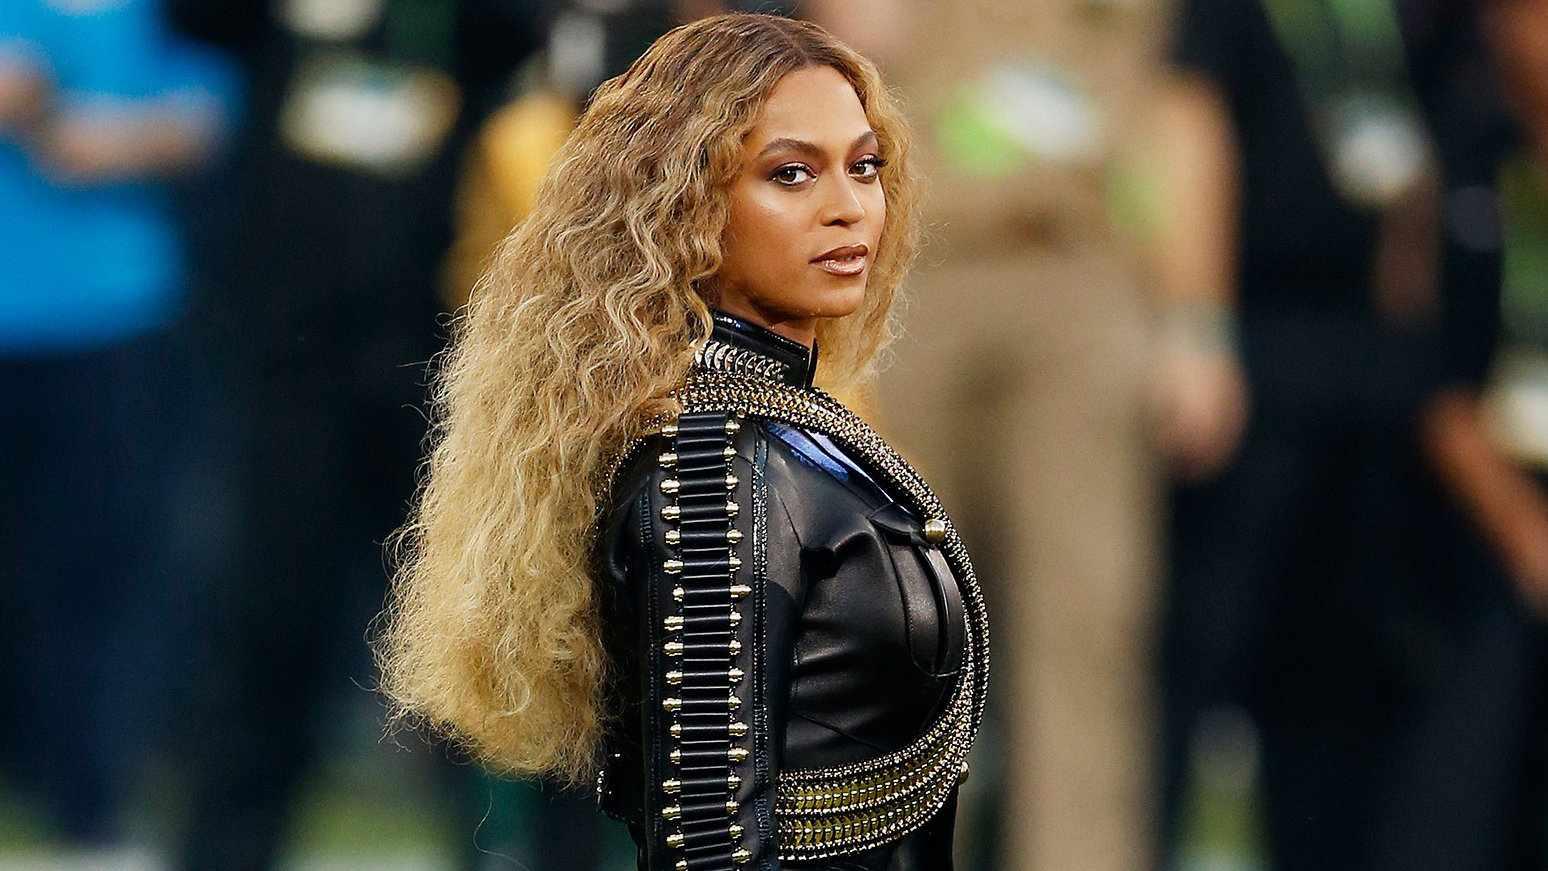 A cantora Beyoncé é um ícone gay por suas performances e estilo, mas ela também é uma defensora vocal de pessoas gays e trans